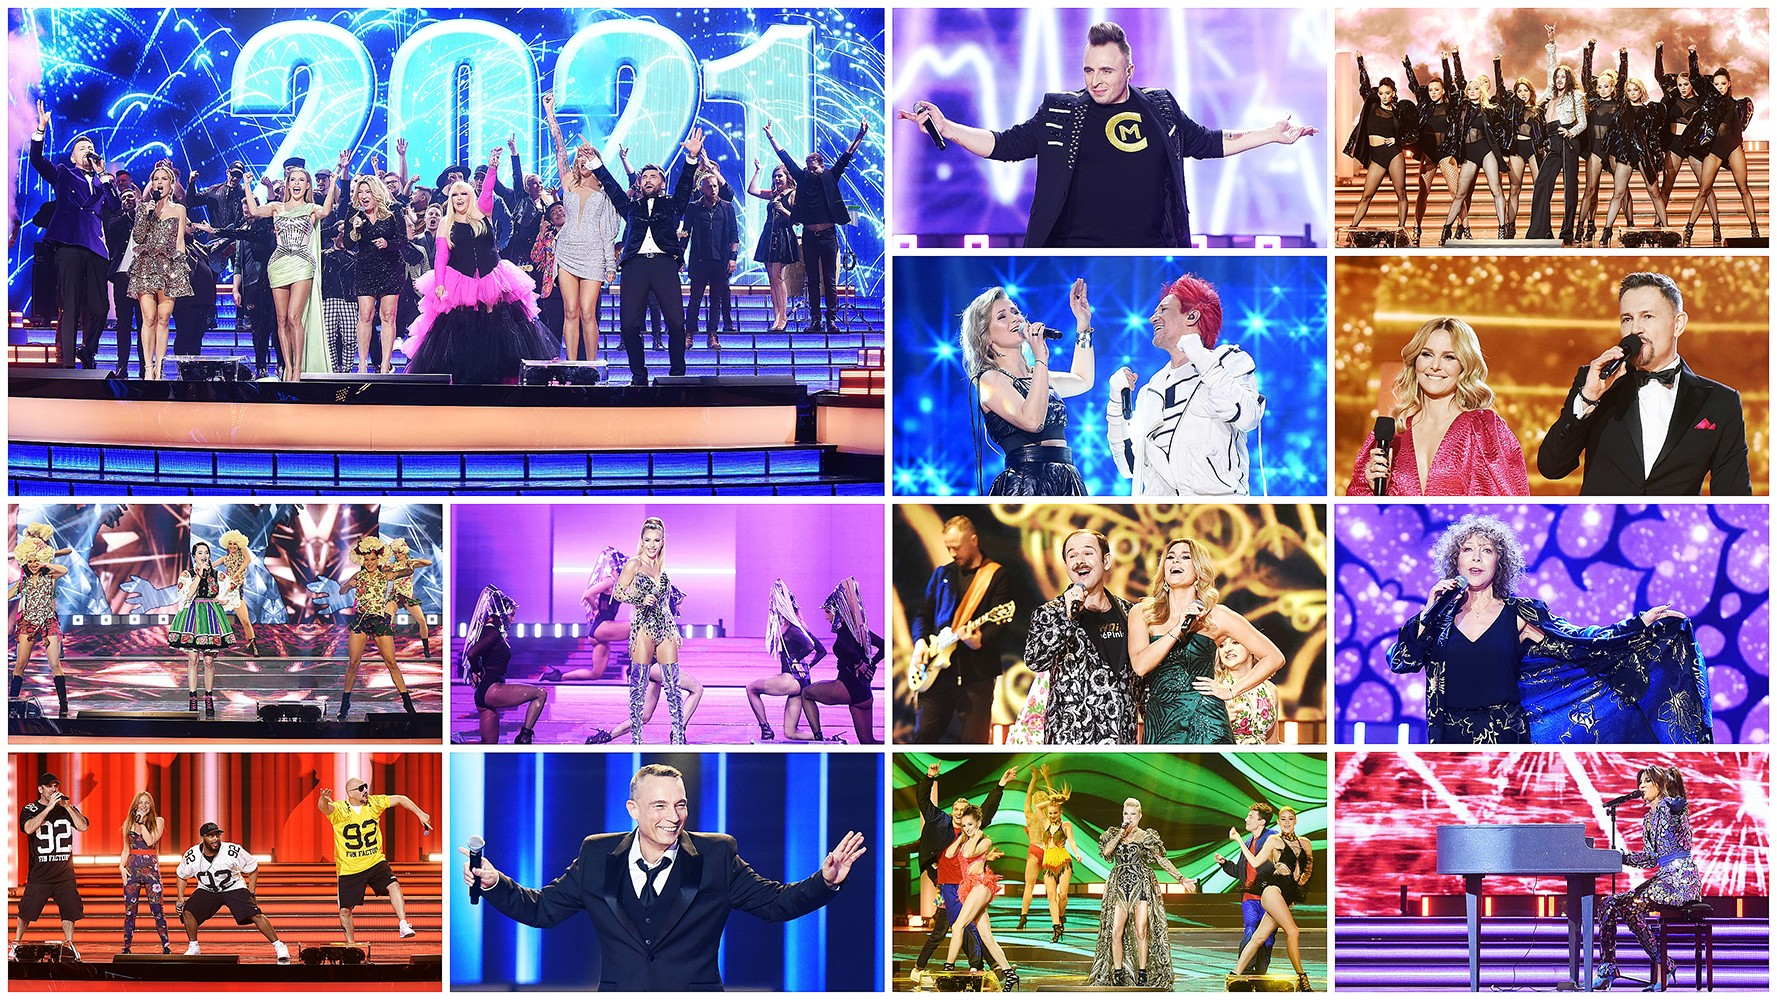 Ponad 5 mln widzów świętowało Nowy Rok z Polsatem - Polsat.pl